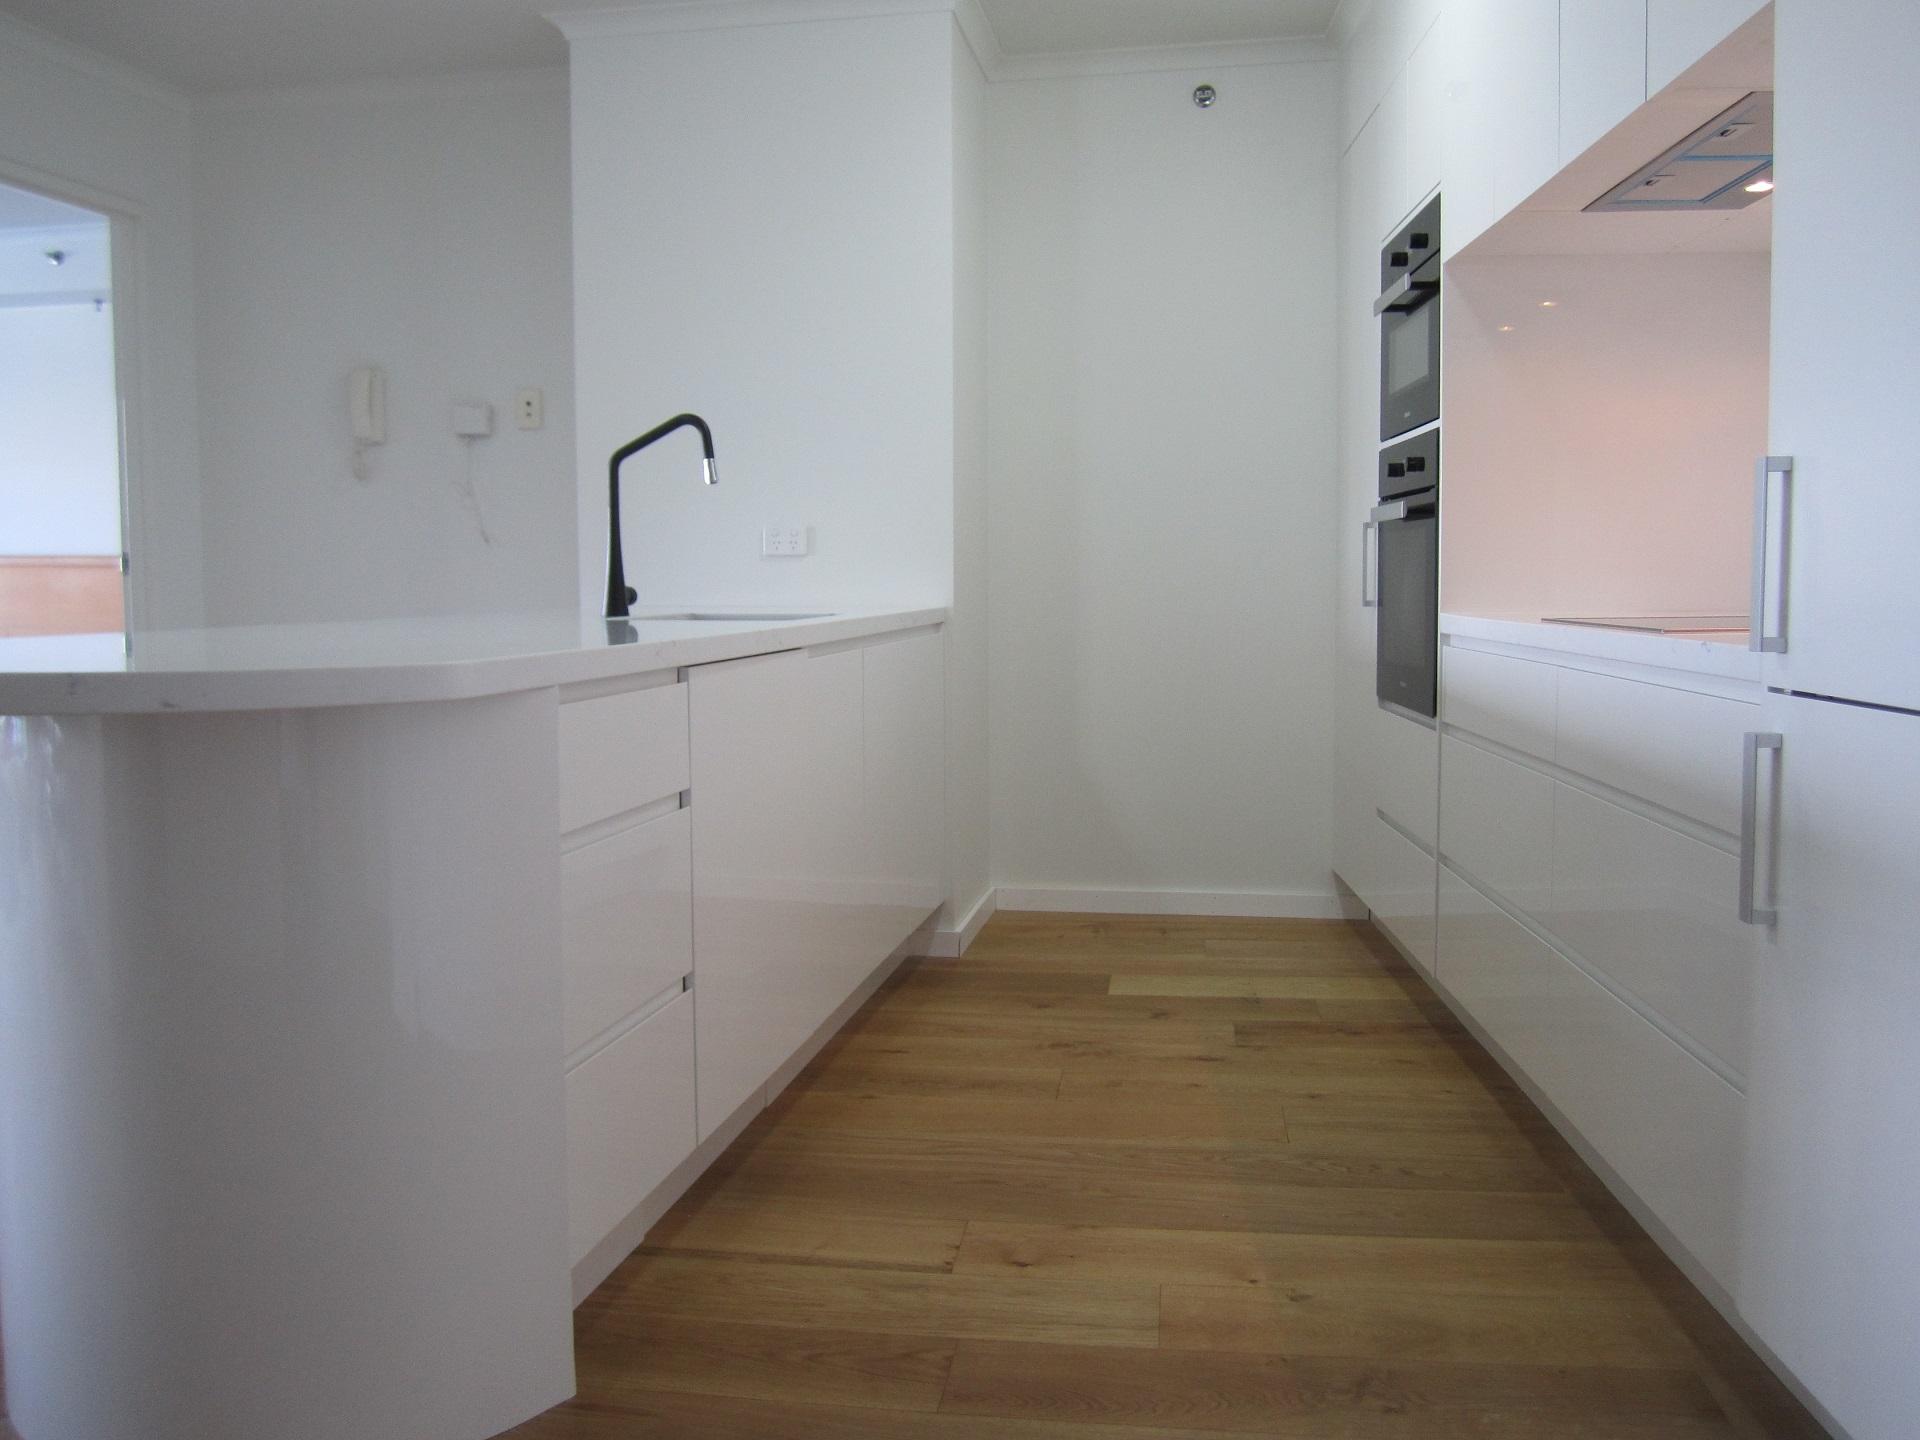 Brisbane Kitchen Design Brisbane City Contemporary Kitchen Renovation (6)